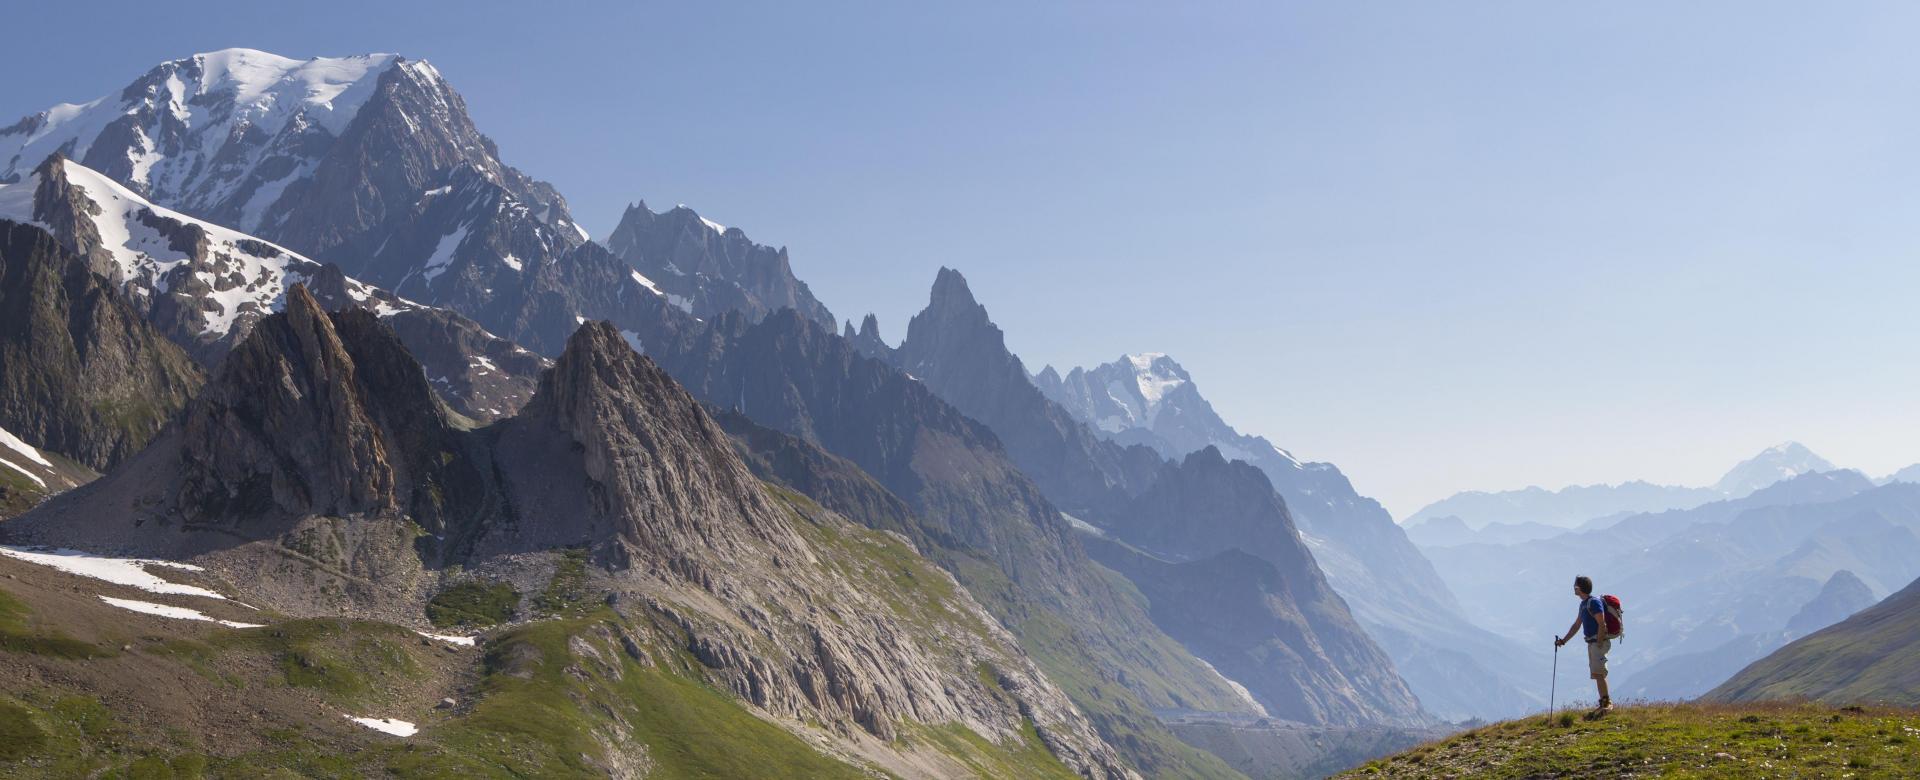 Voyage à pied : Le grand tour du mont-blanc en 9 jours